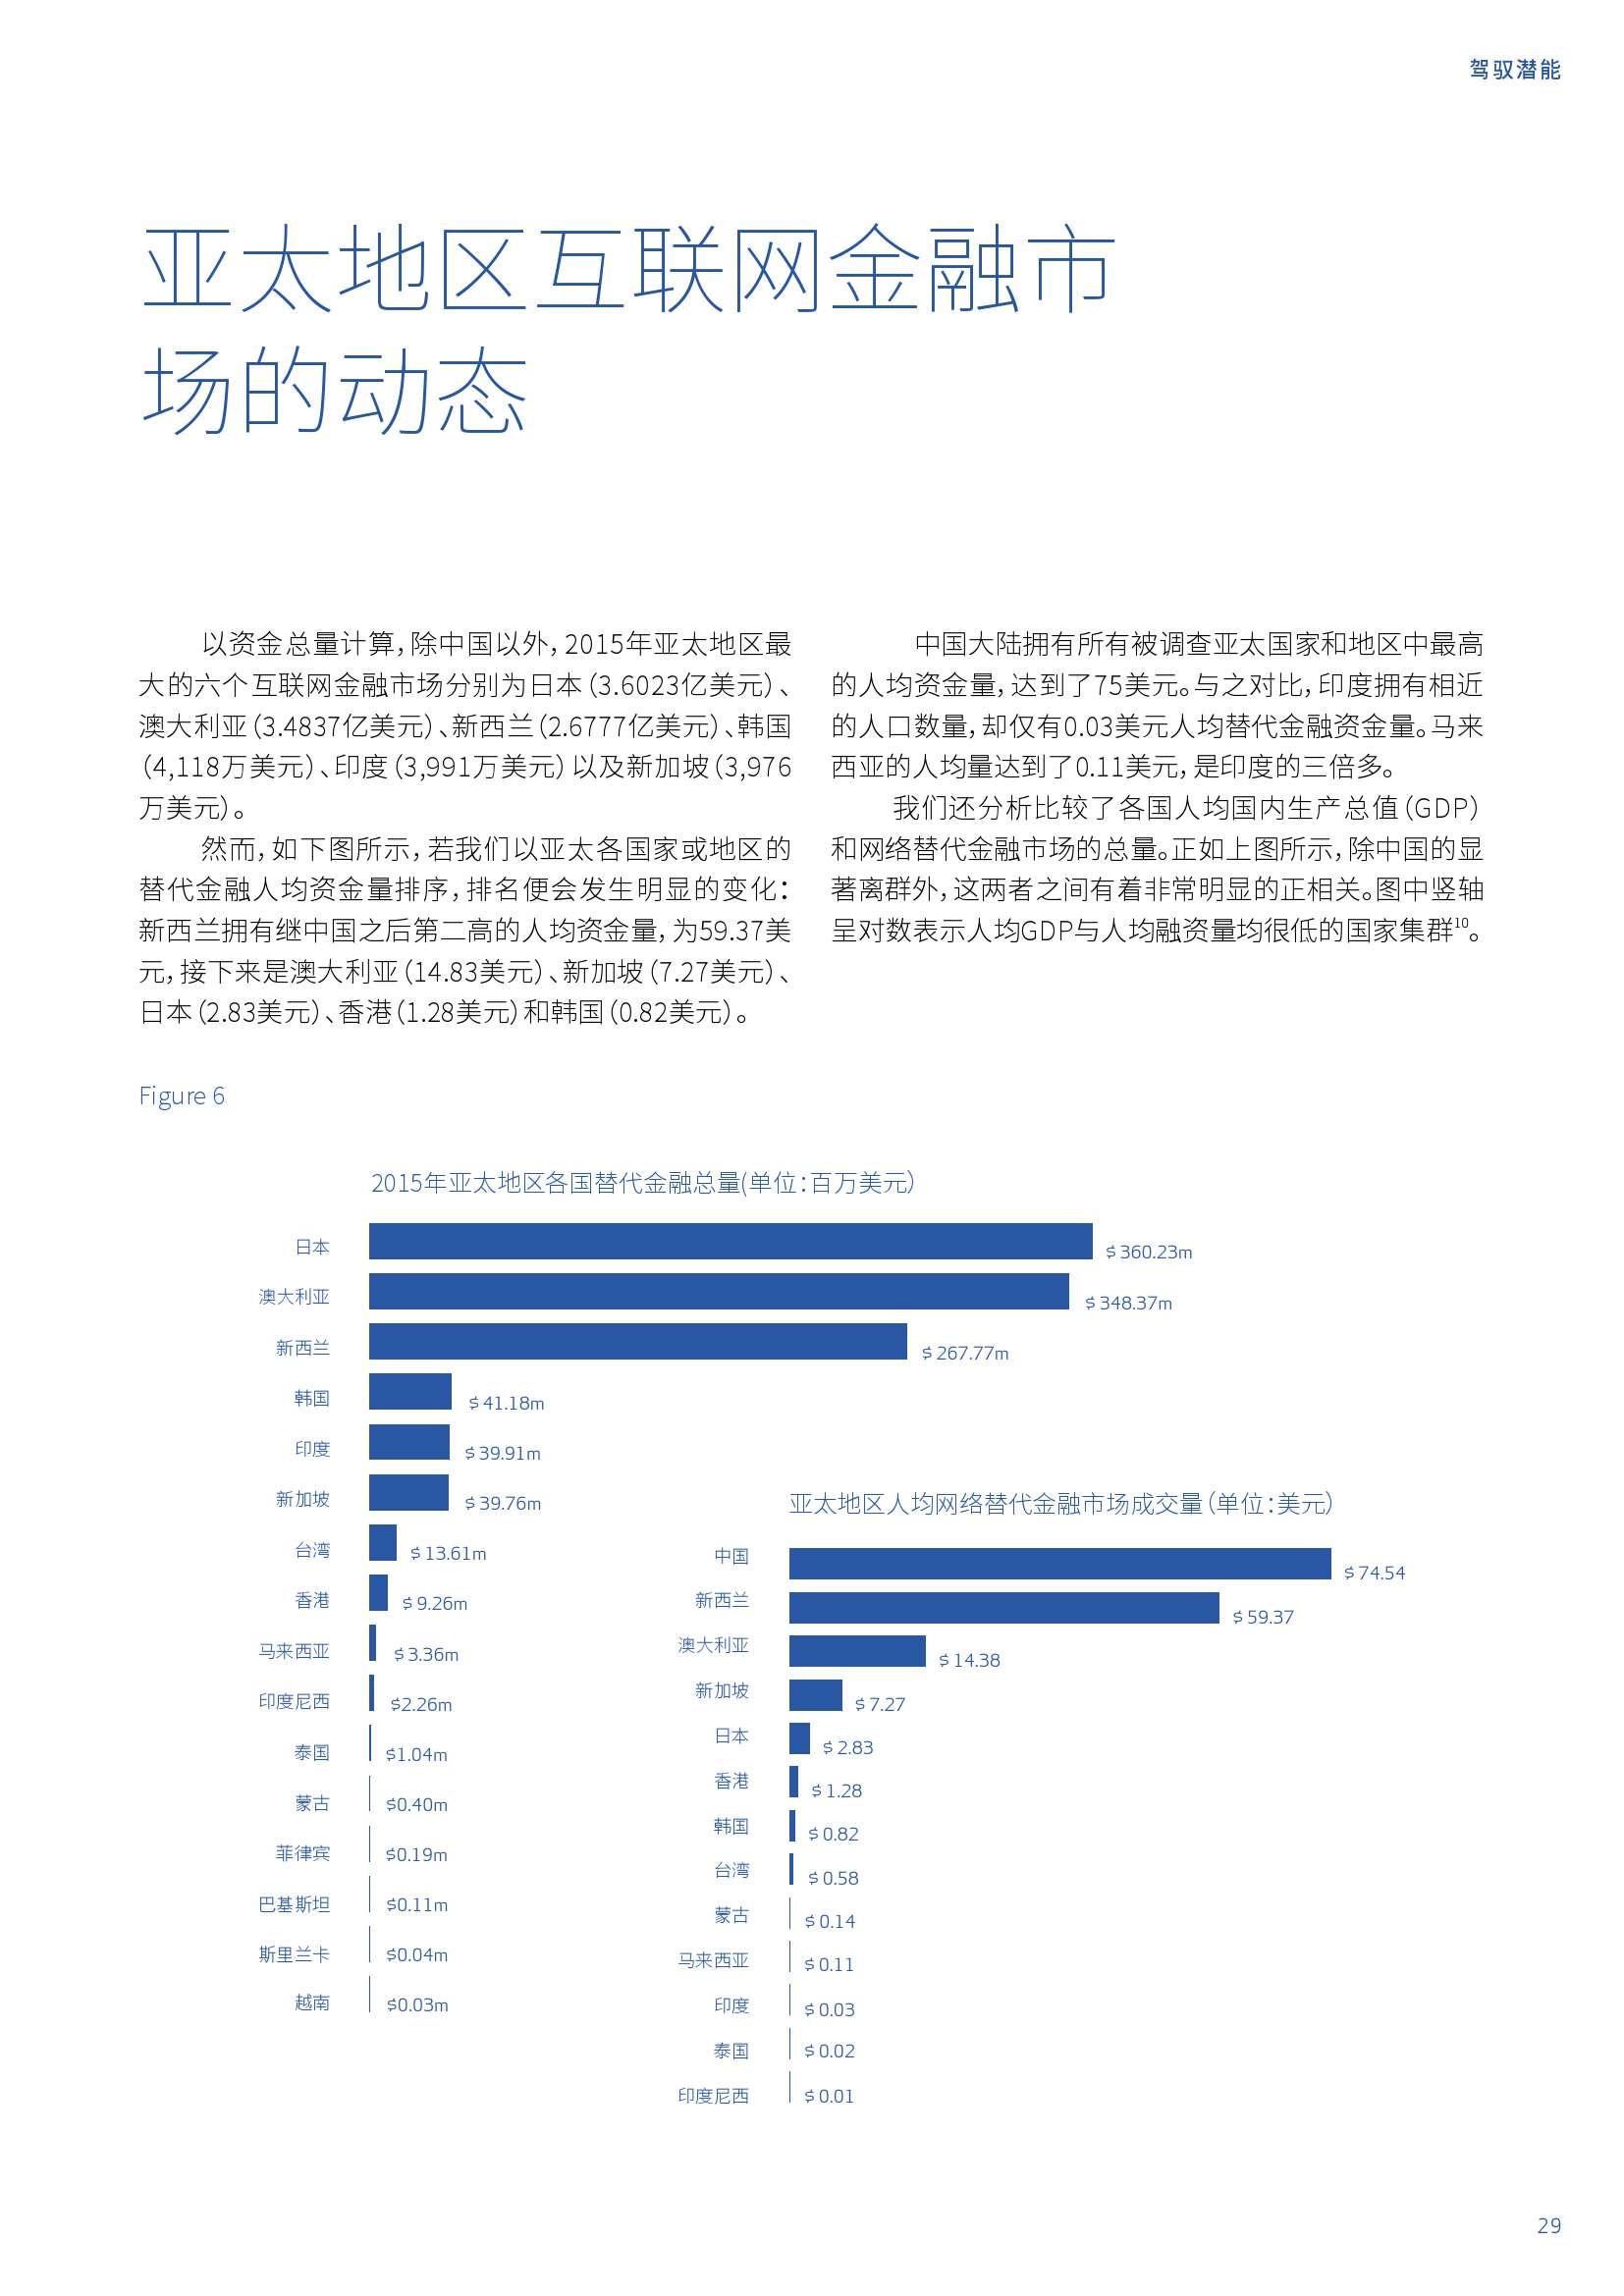 亚太地区网络替代金融基准报告_000029